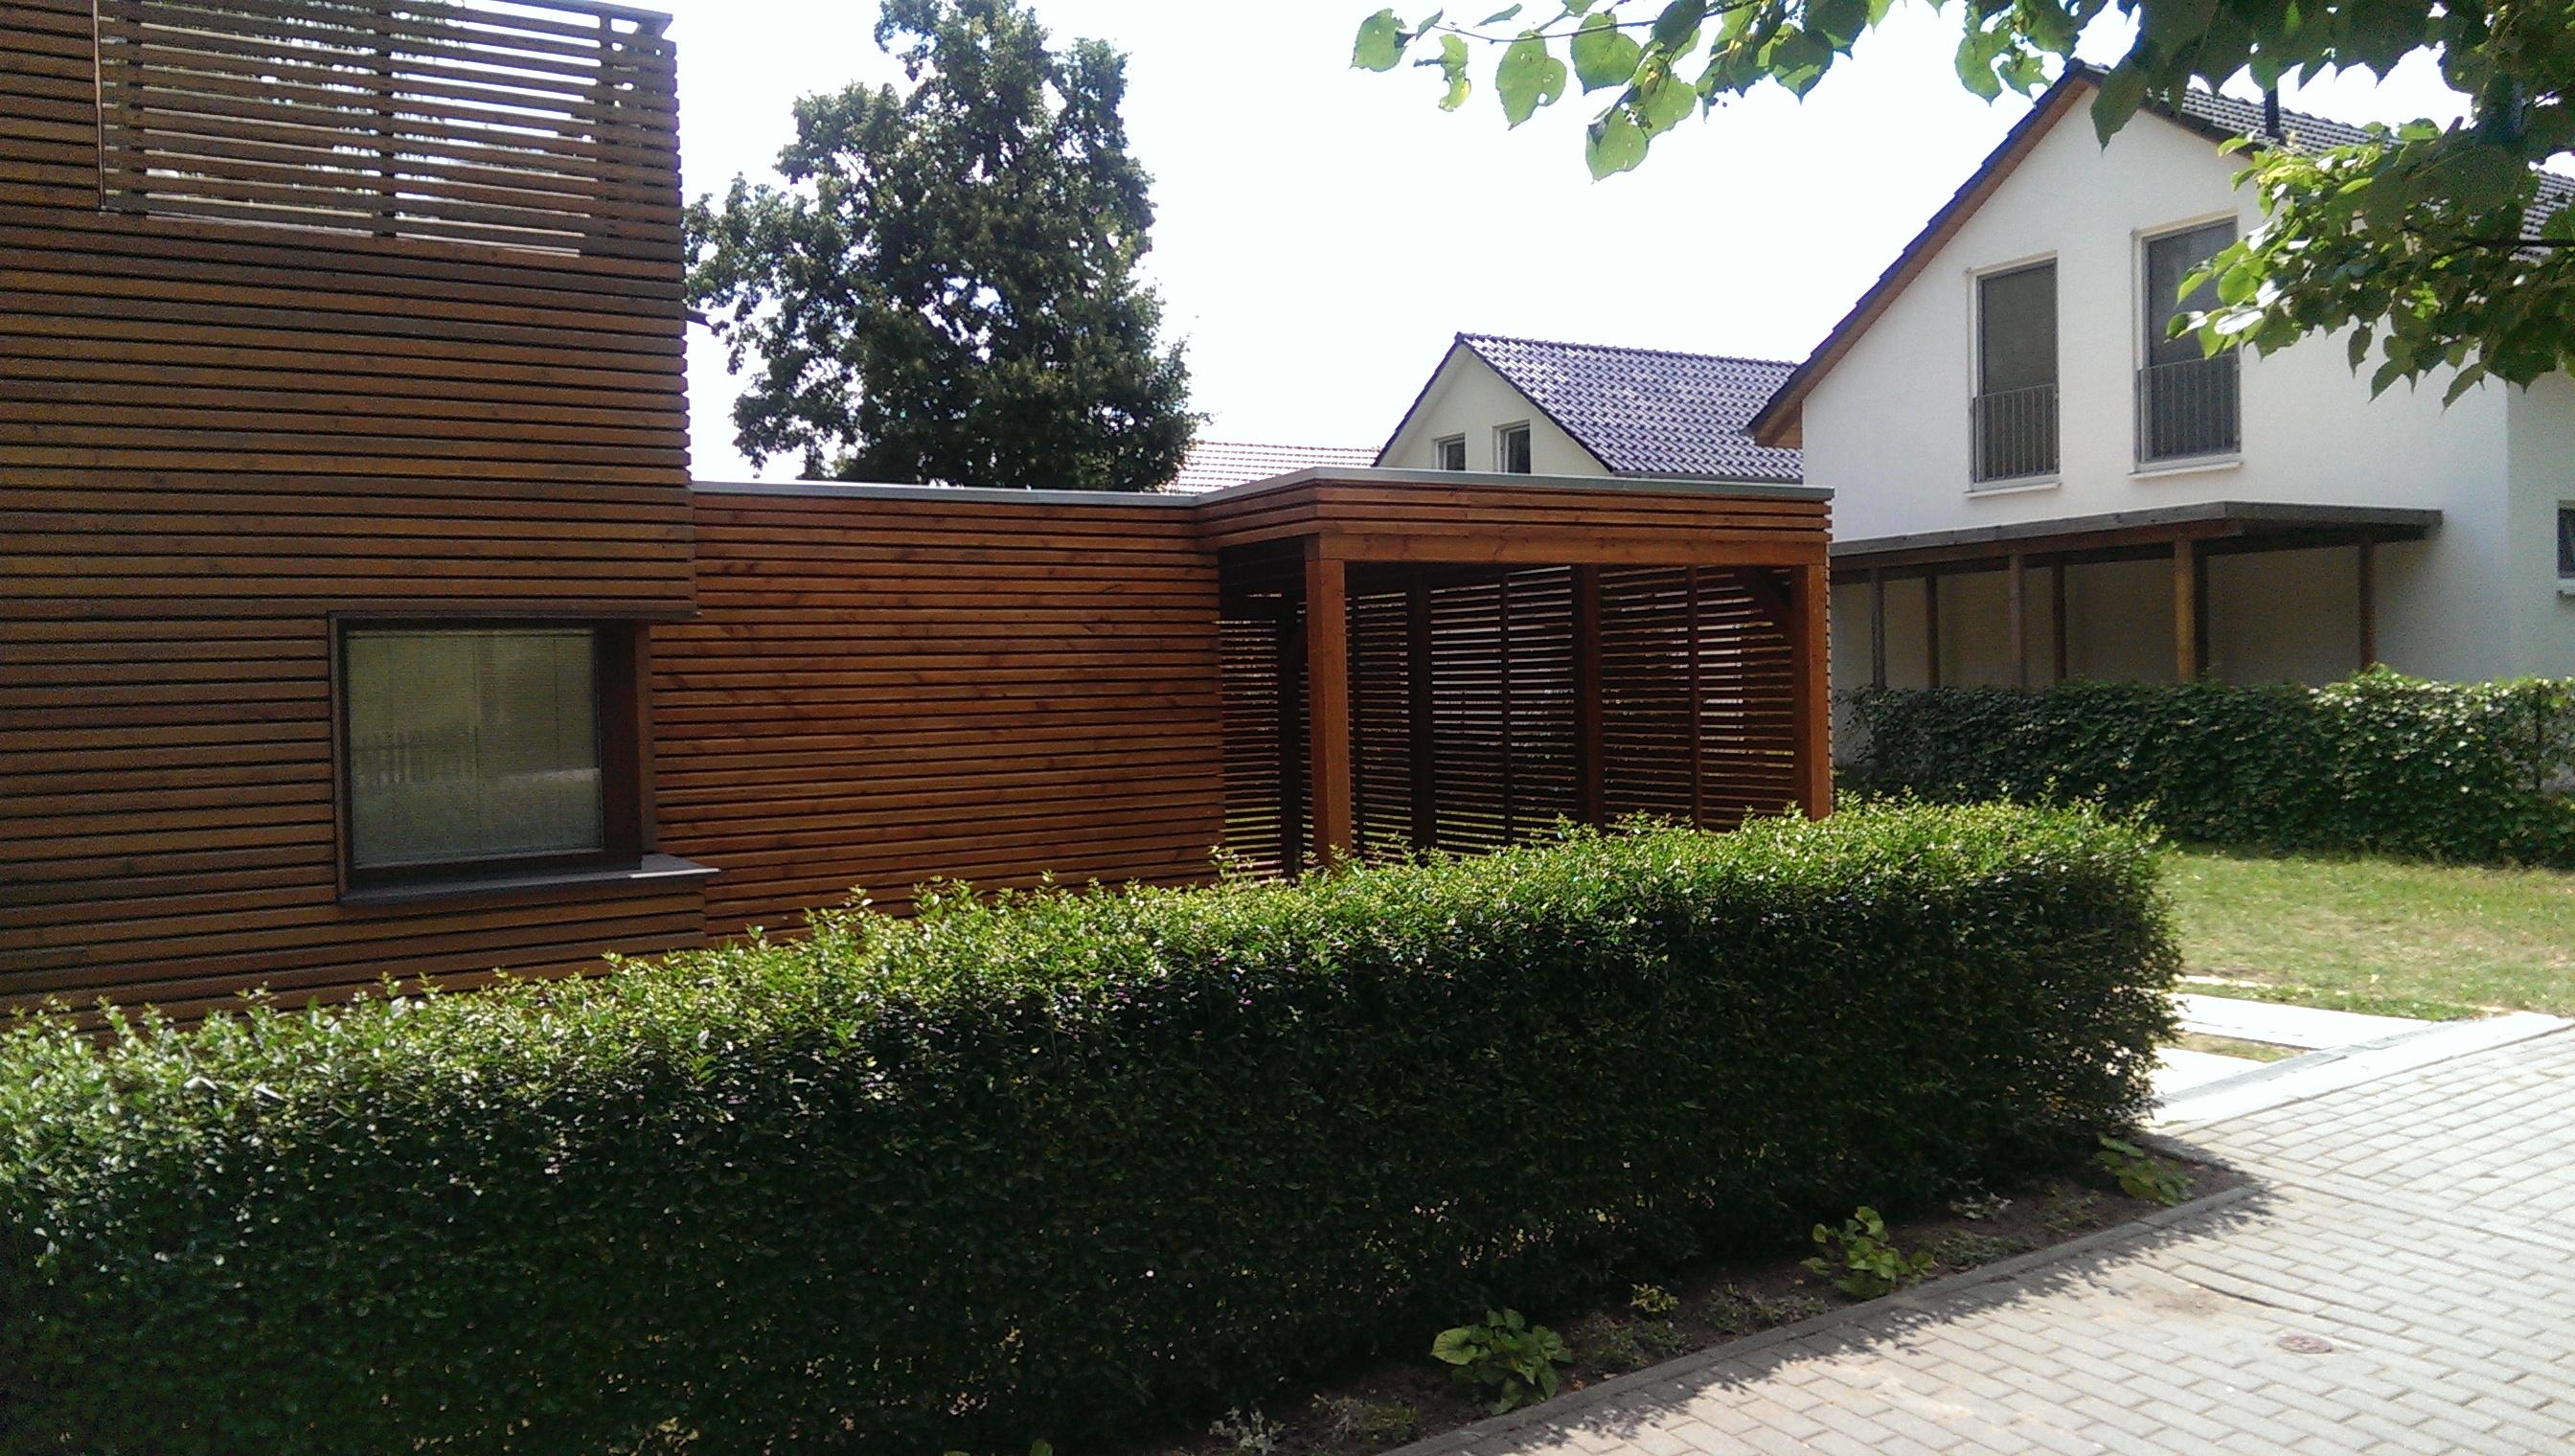 Märkische Holzbau GbR